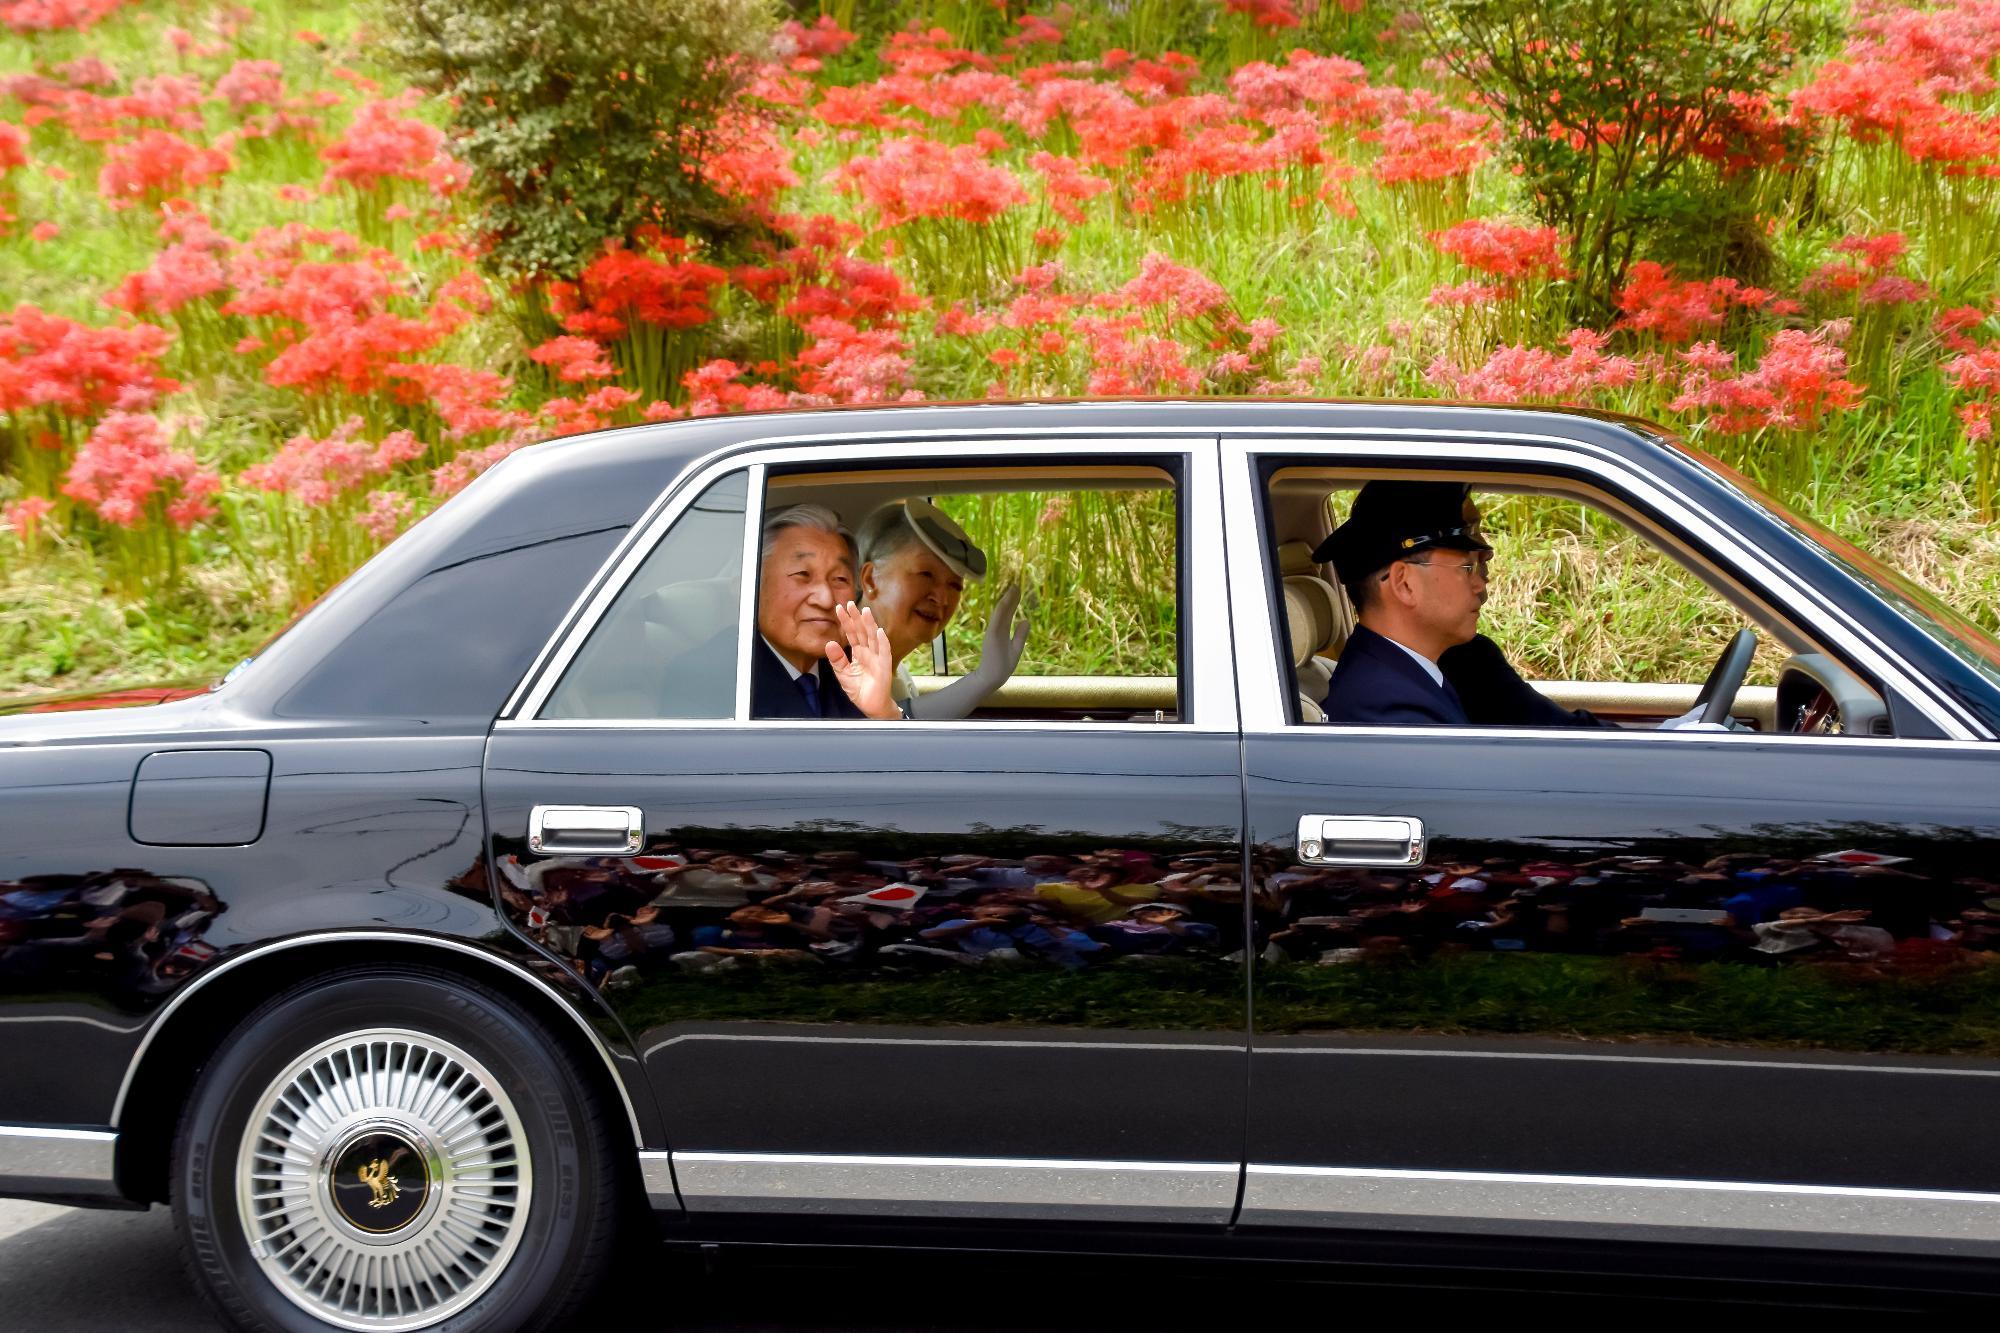 Sus Majestades quienes se ondea la mano a a las personas de la orilla del camino